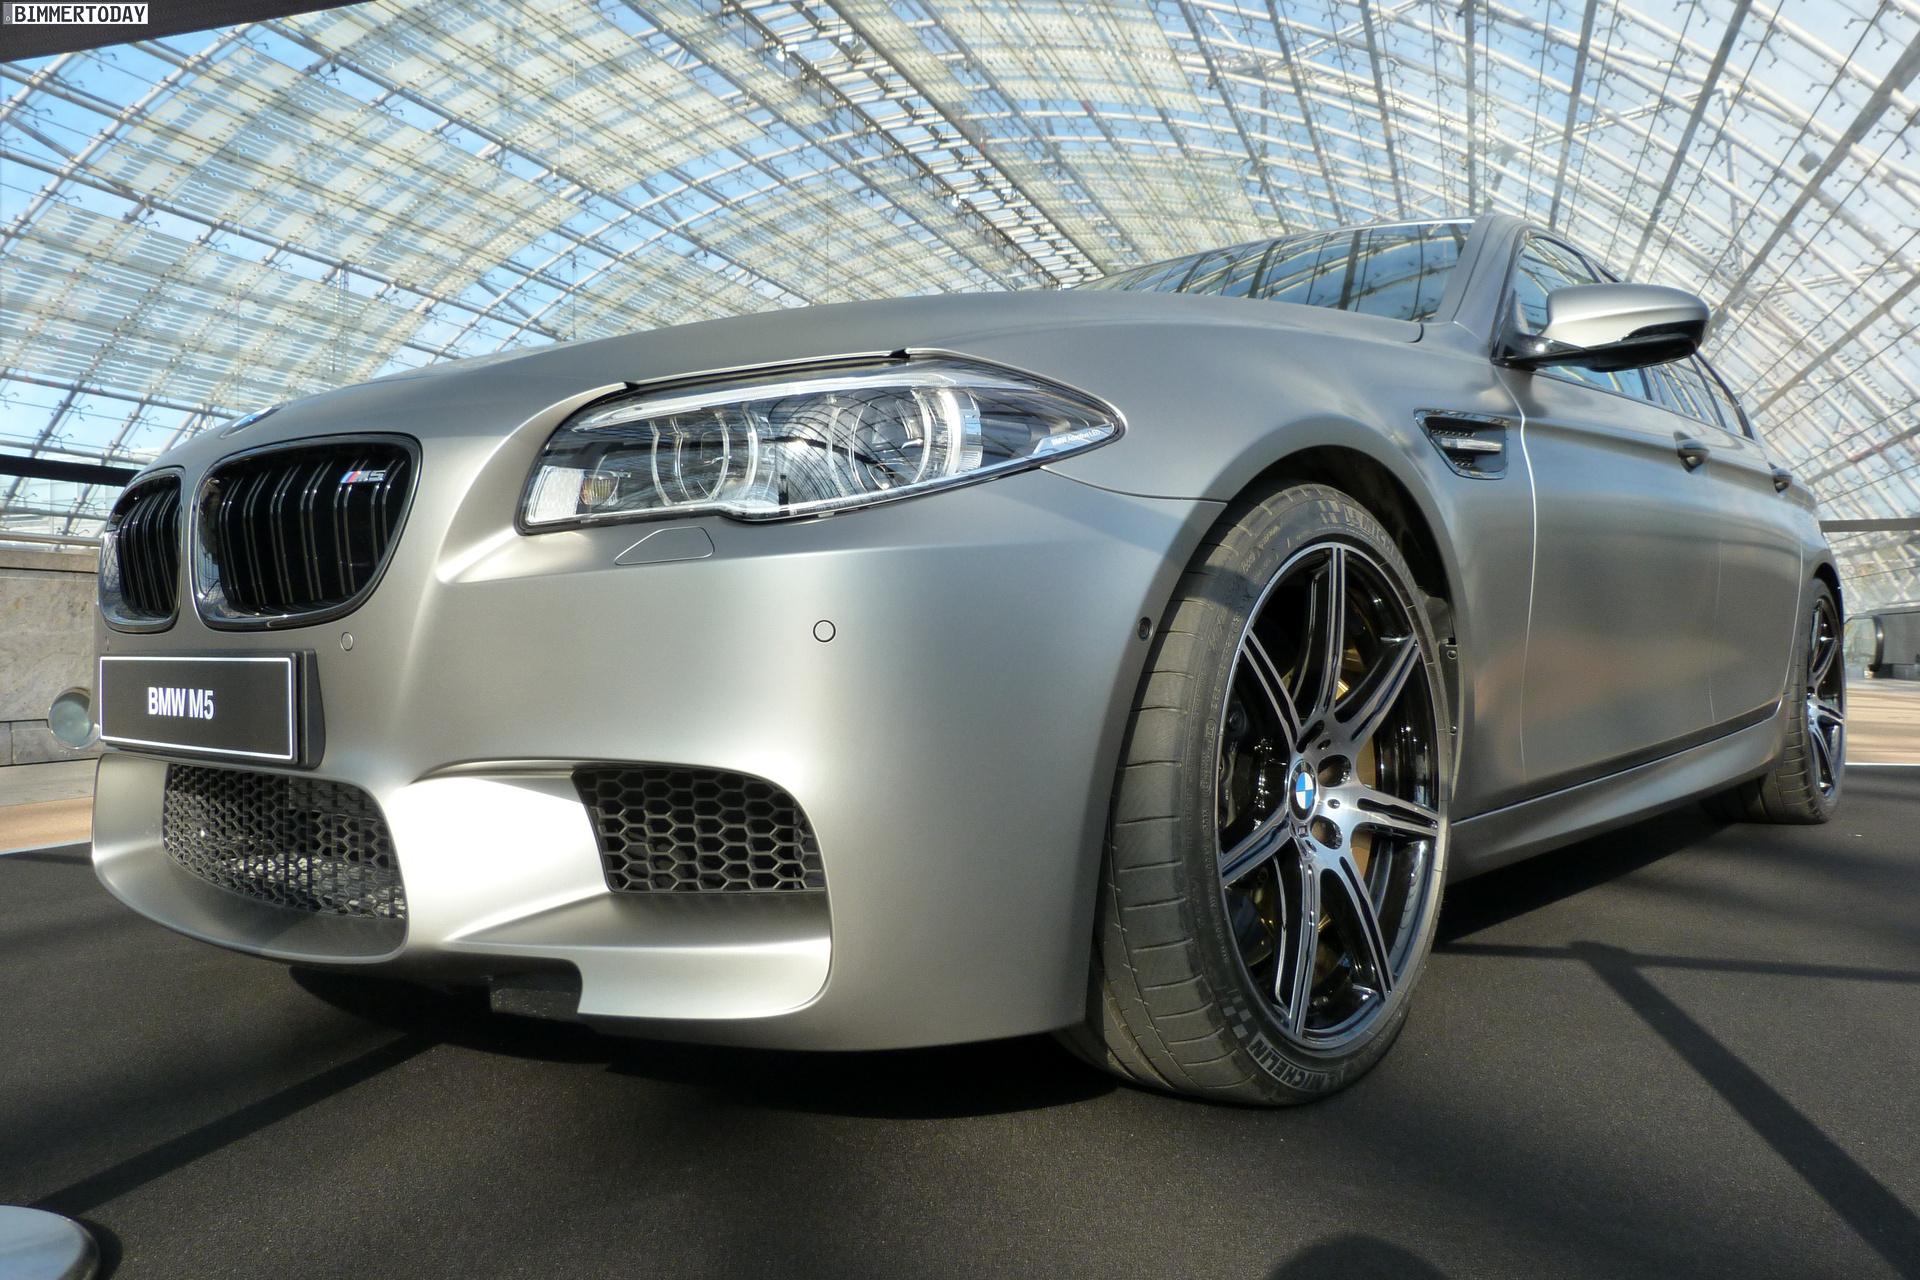 2014 BMW M5 F10 30 Jahre Sondermodell Frozen Dark Silver AMI Leipzig LIVE 01